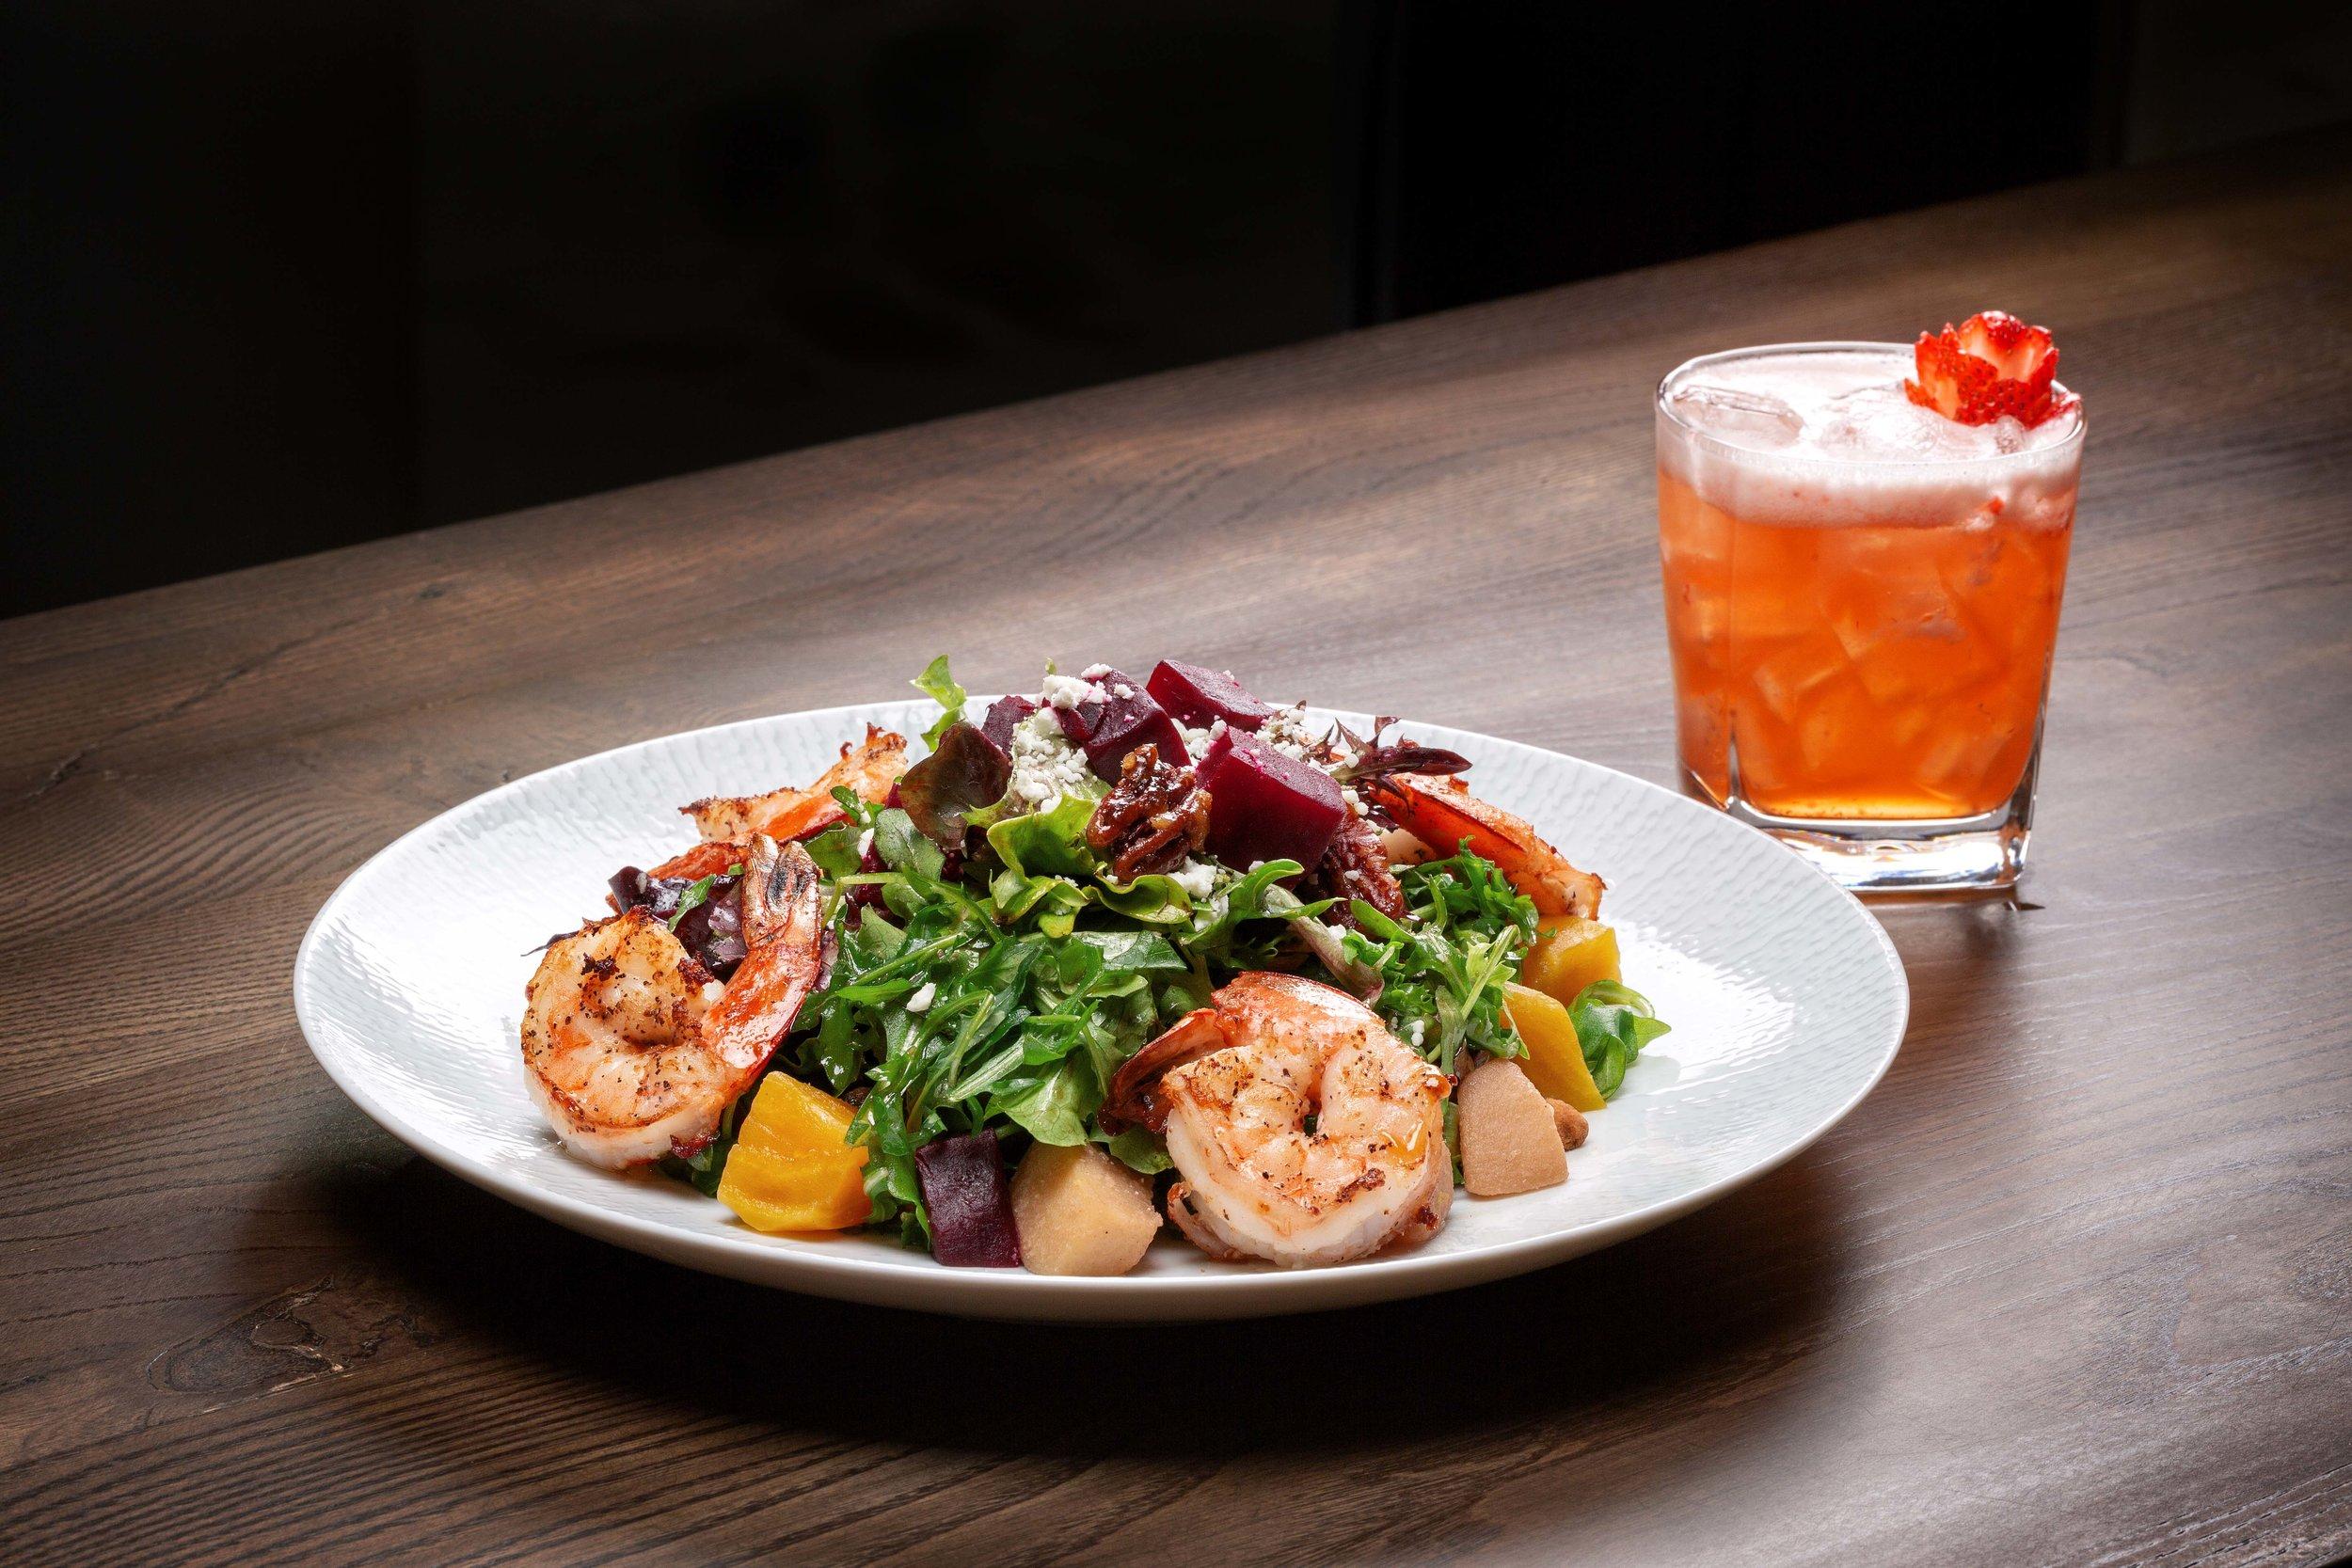 Shrimp Beet Salad with Drink IG Mobil.jpg